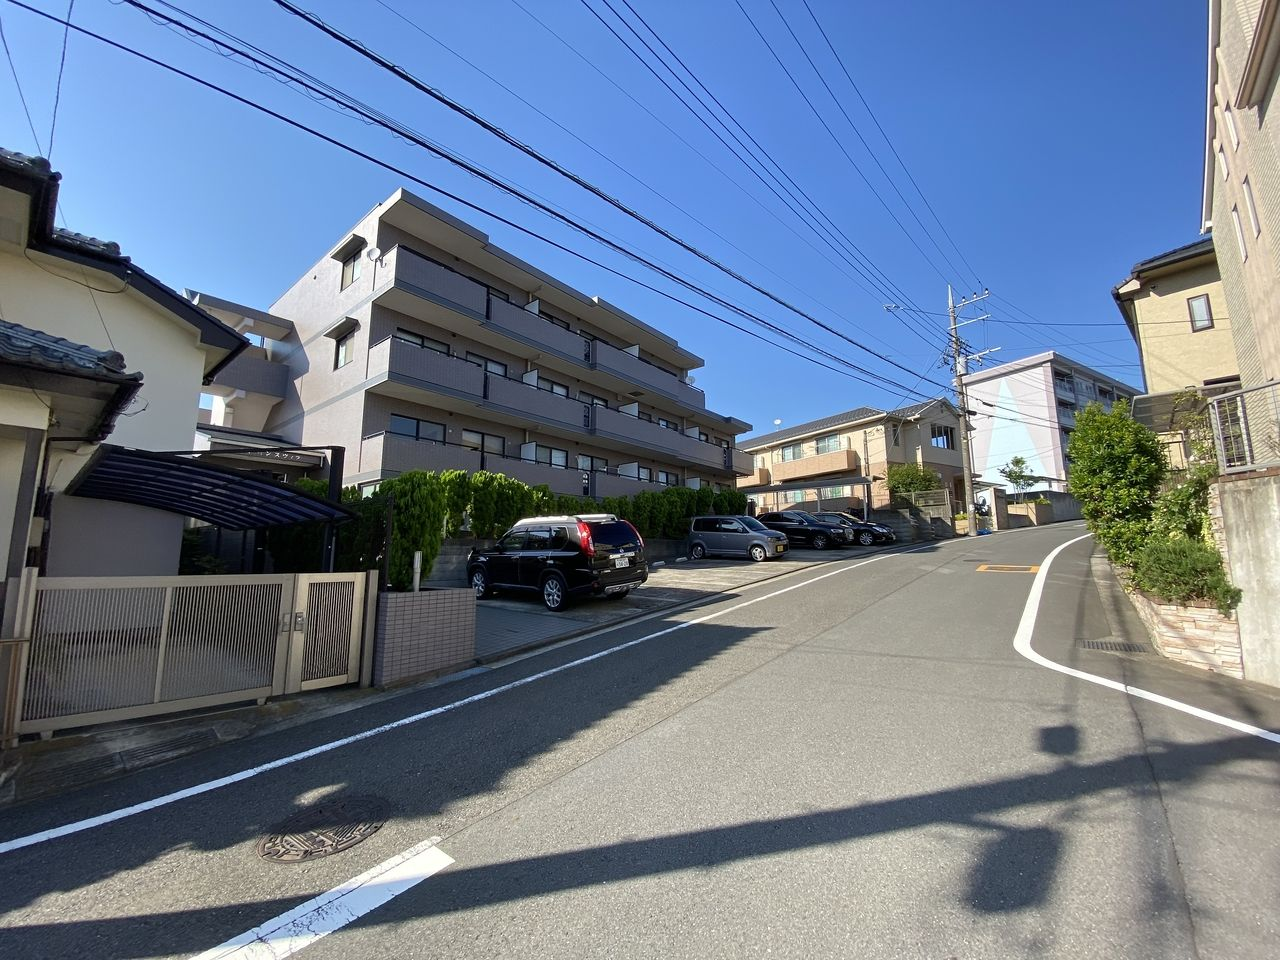 横浜市青葉区美しが丘4-22-5・「アドバンスヴィラ」建物外観